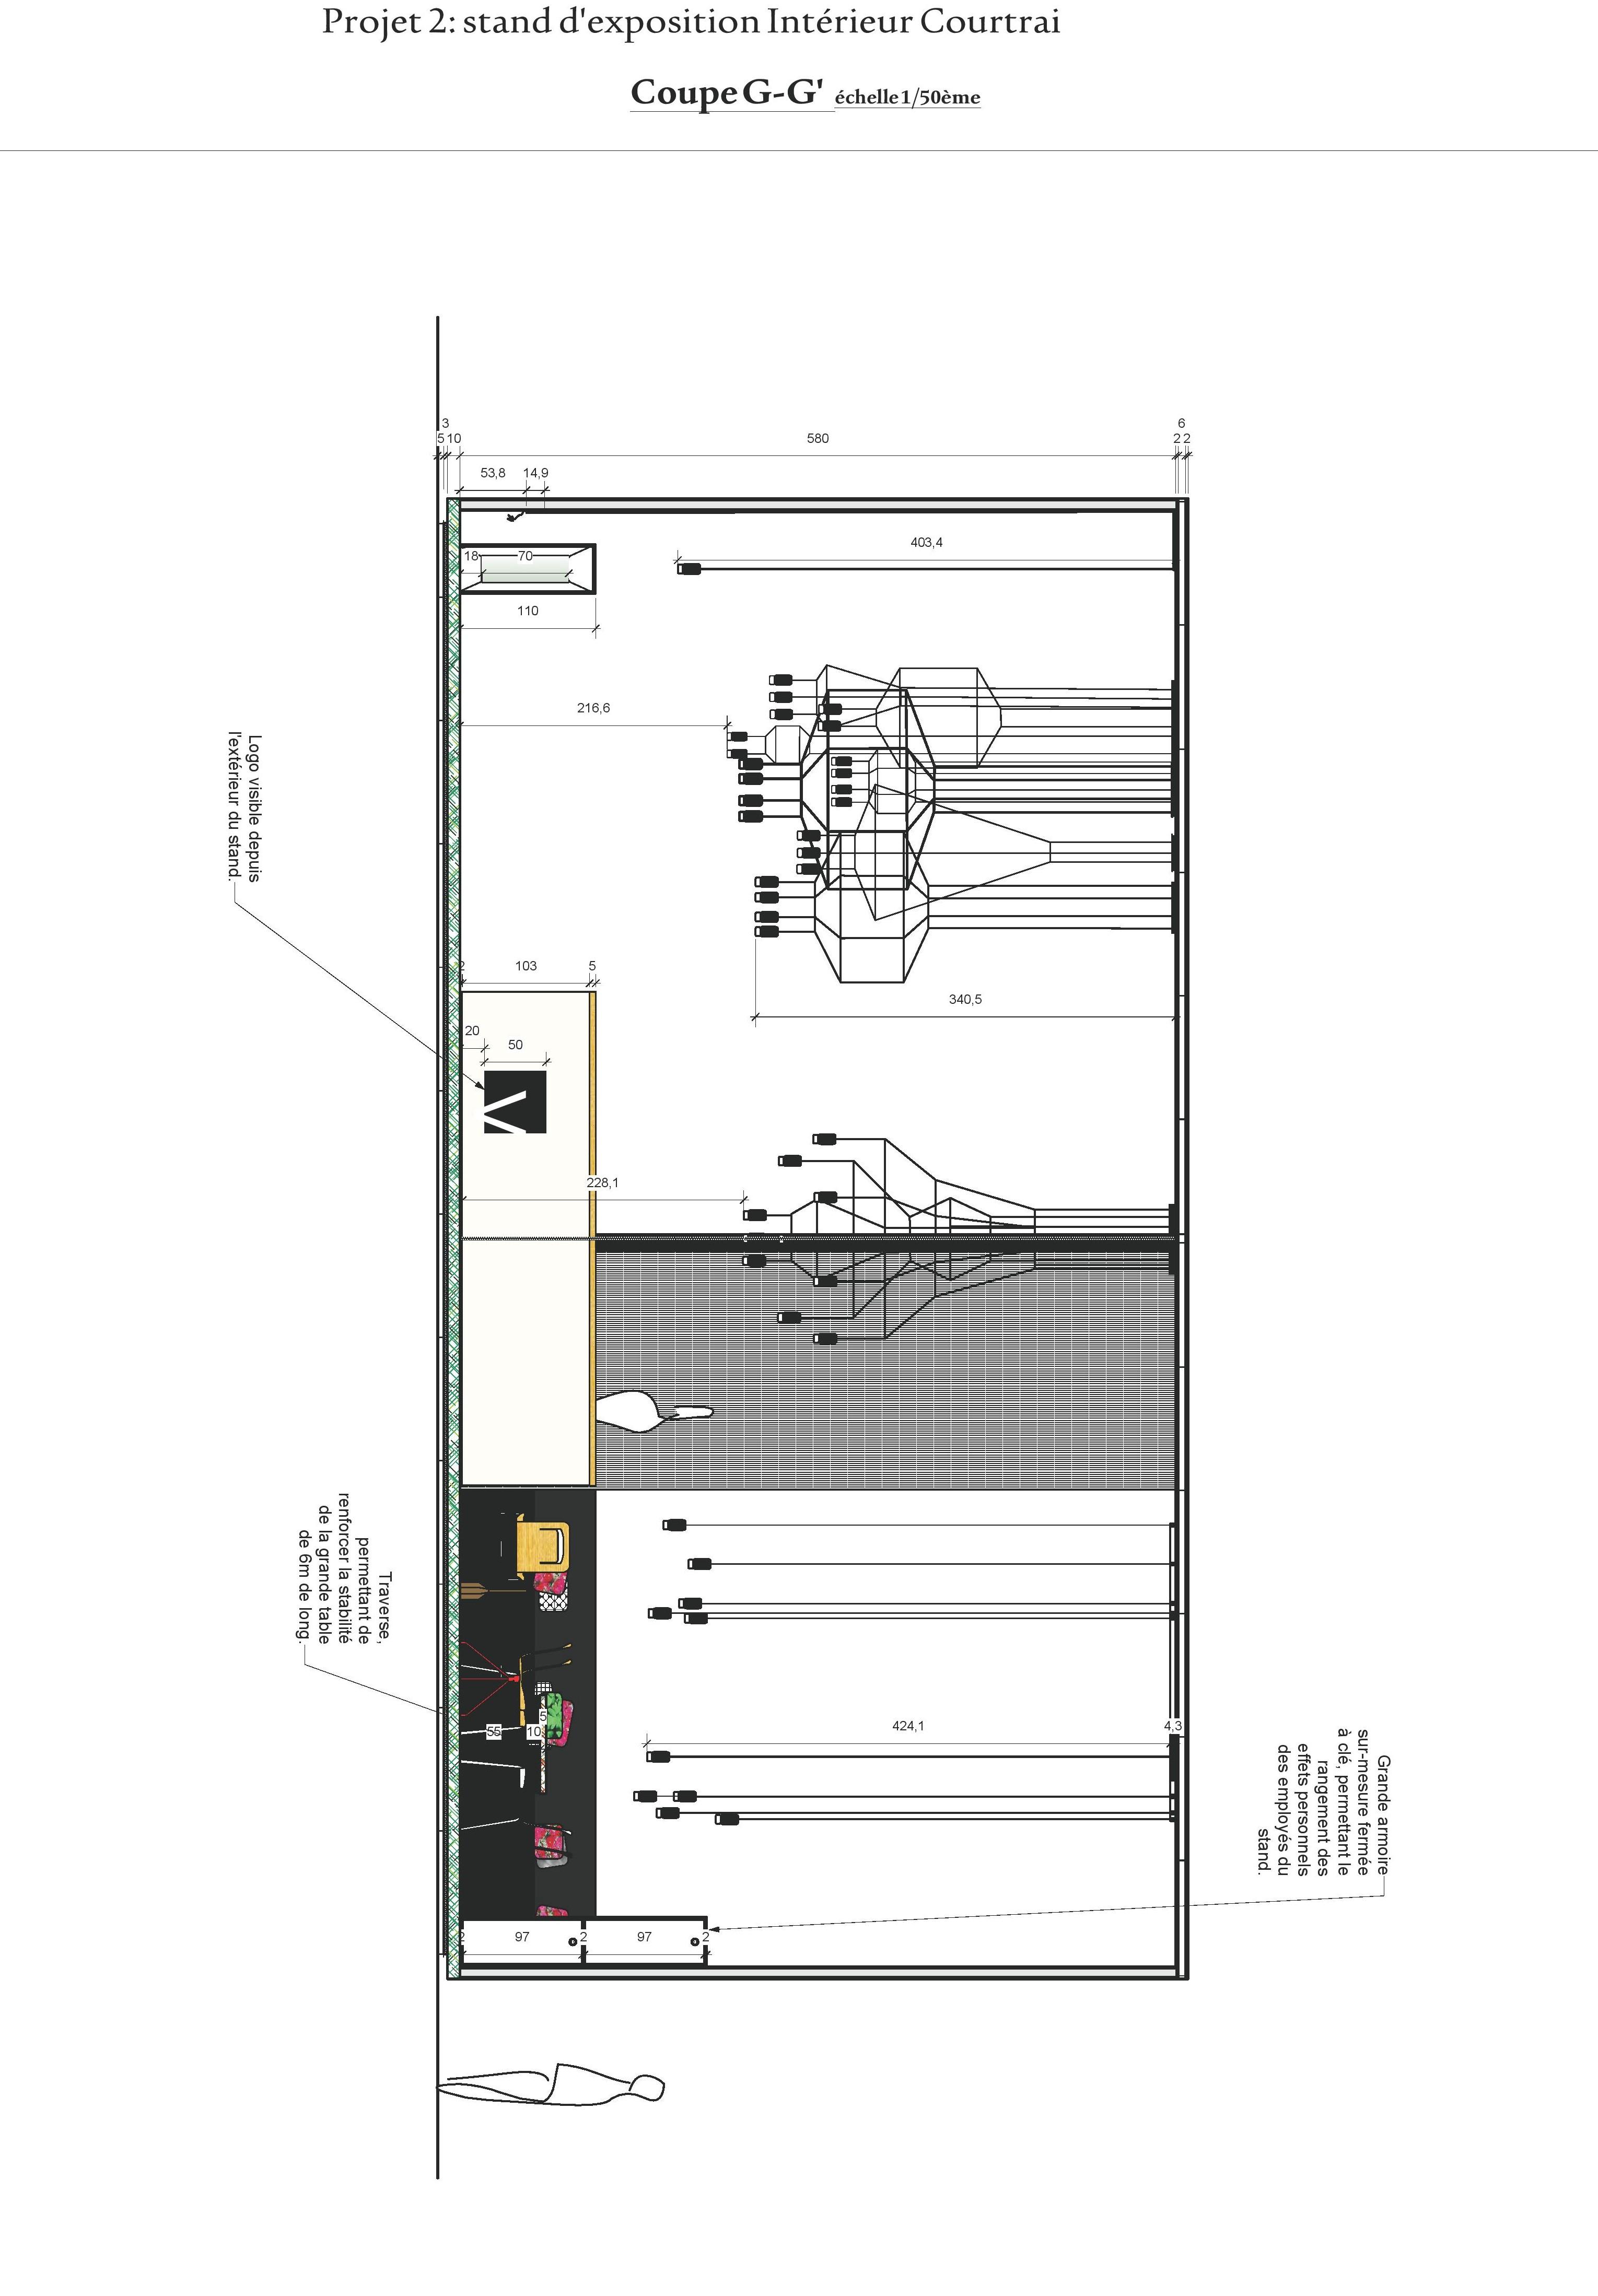 projet 2 plans impression.vwx-page-008